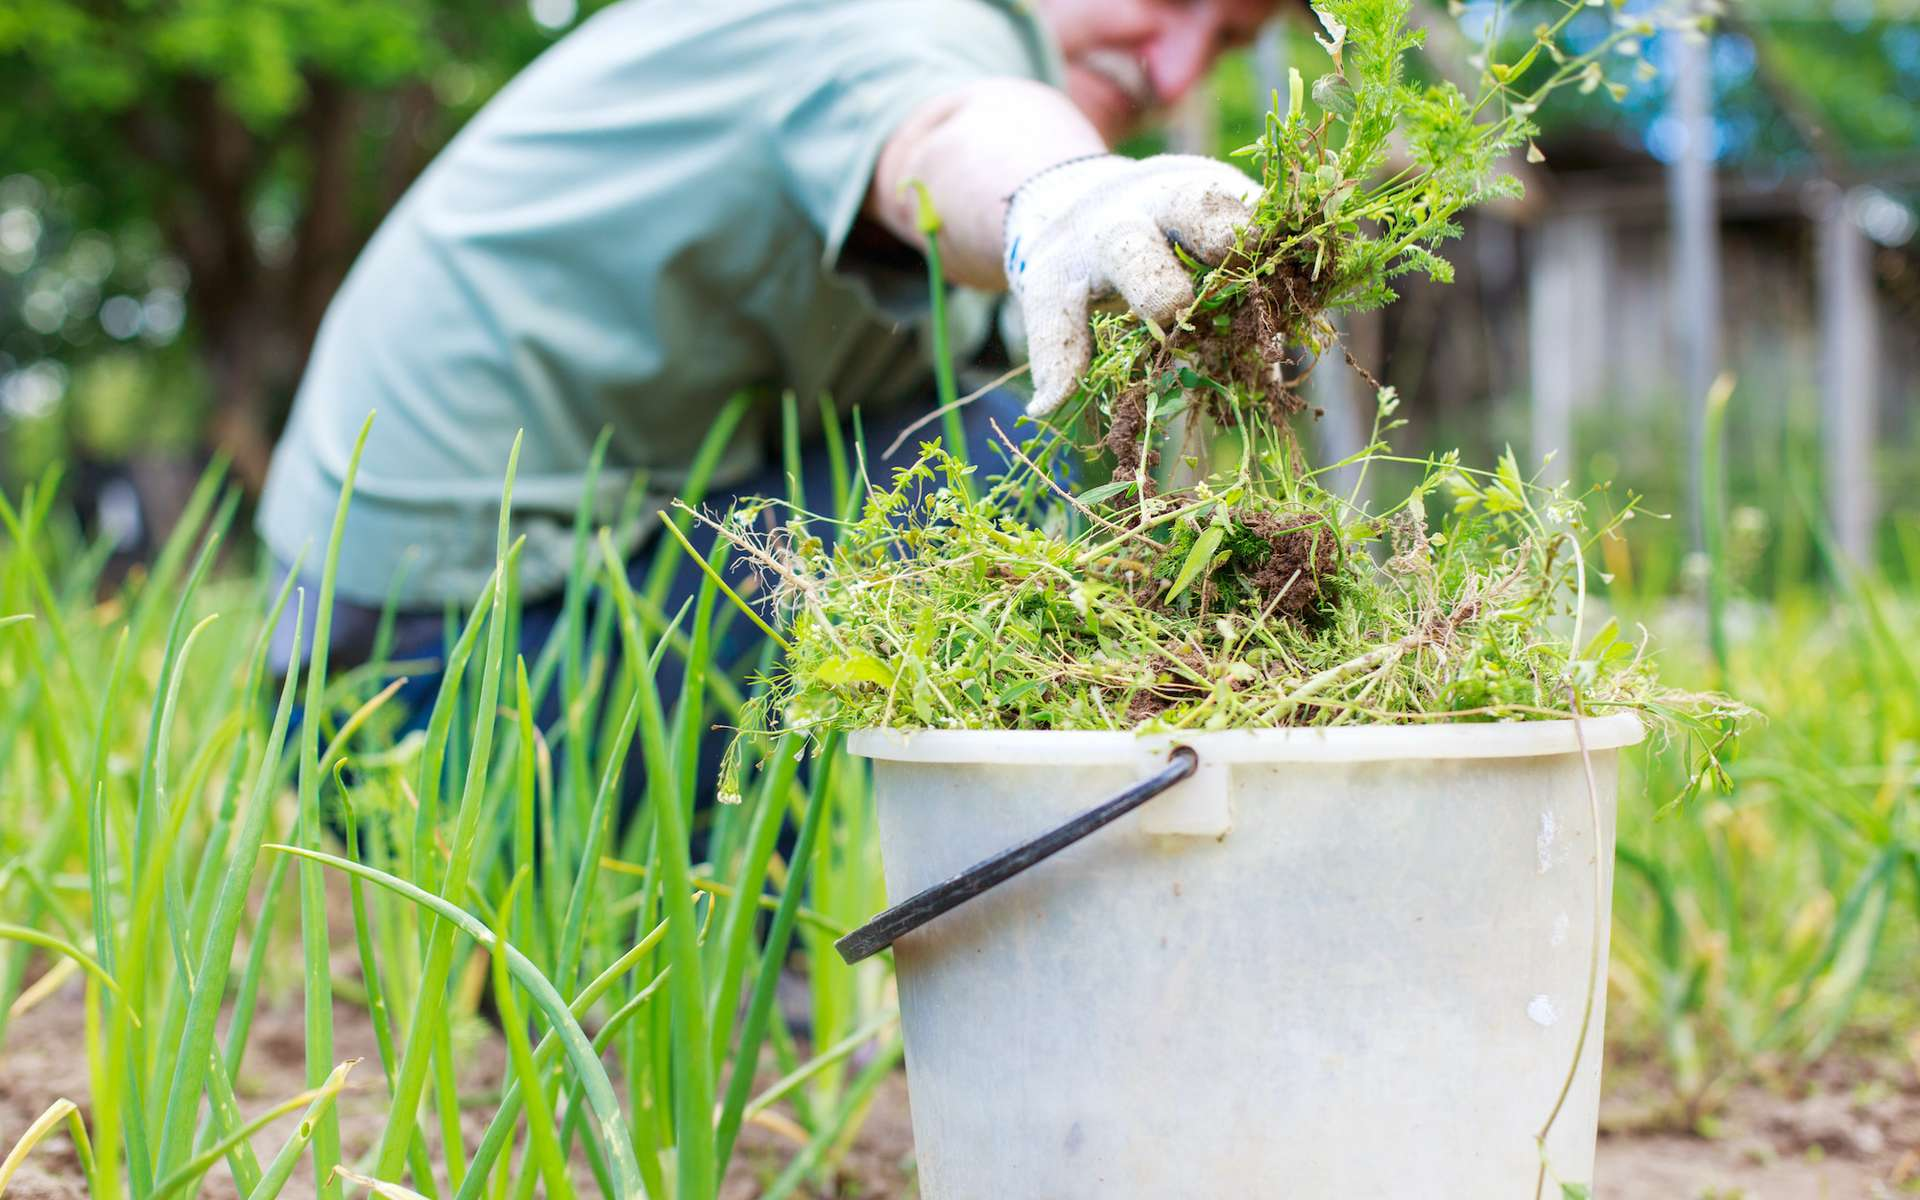 Les moyens écologiques pour se débarrasser des mauvaises herbes. © stopabox, Adobe Stock